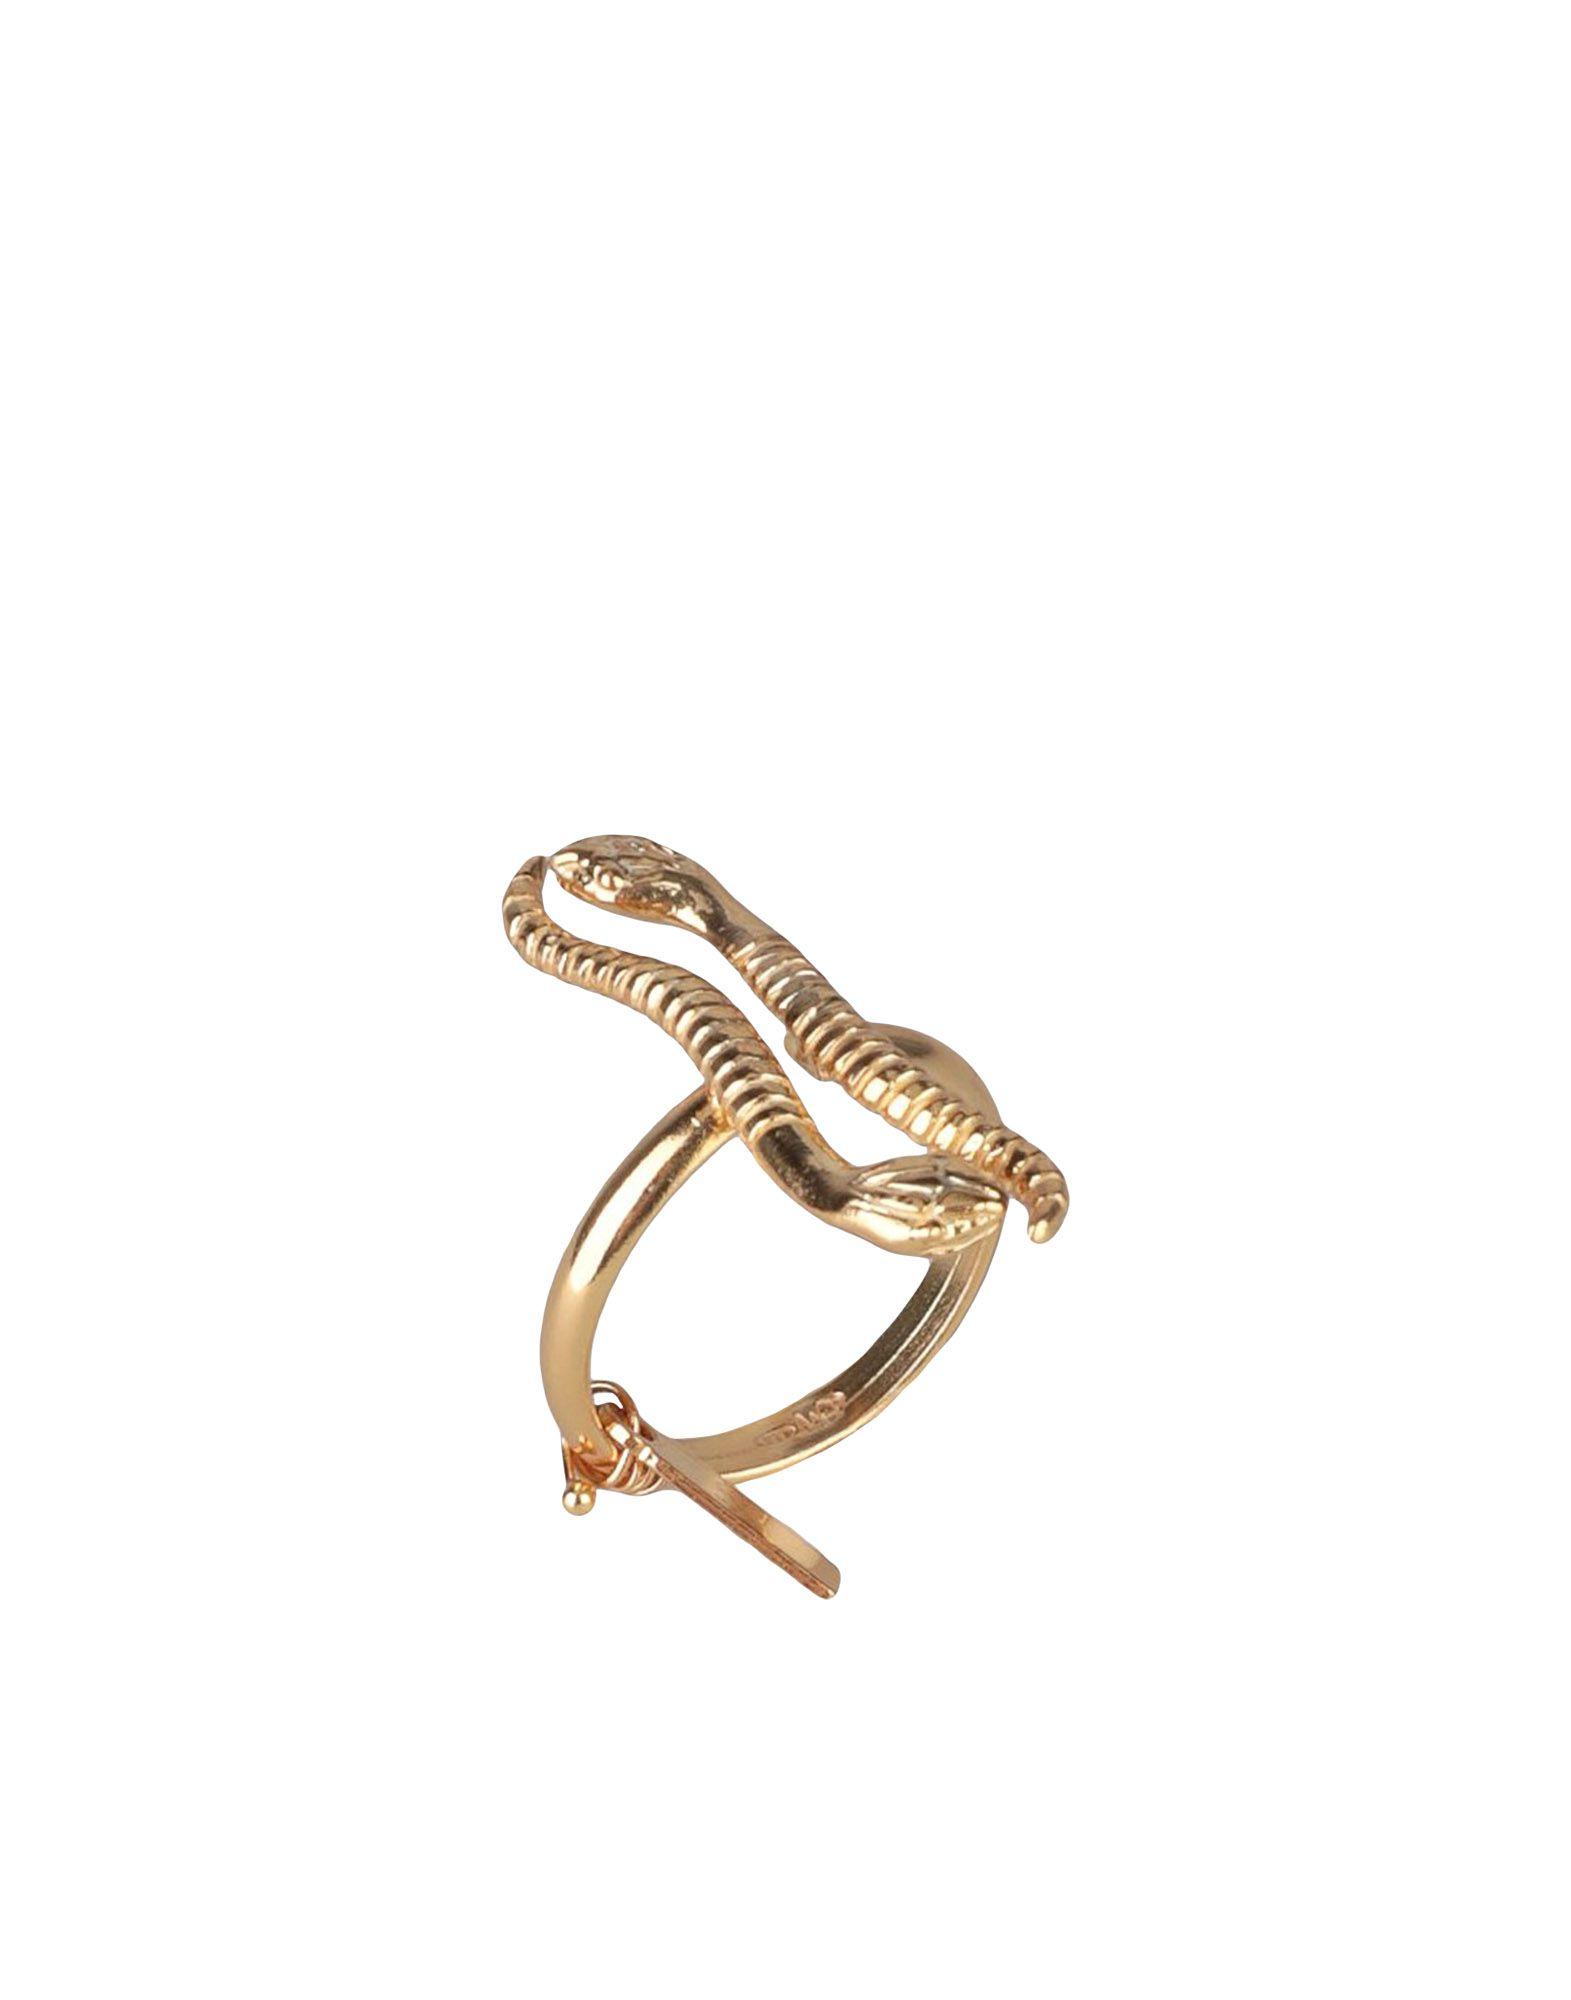 《期間限定セール開催中!》MARIA FRANCESCA PEPE レディース 指輪 ゴールド 7 シルバー925/1000 100% THE REBIRTH-OPEN BAND RING WITH SNAKES